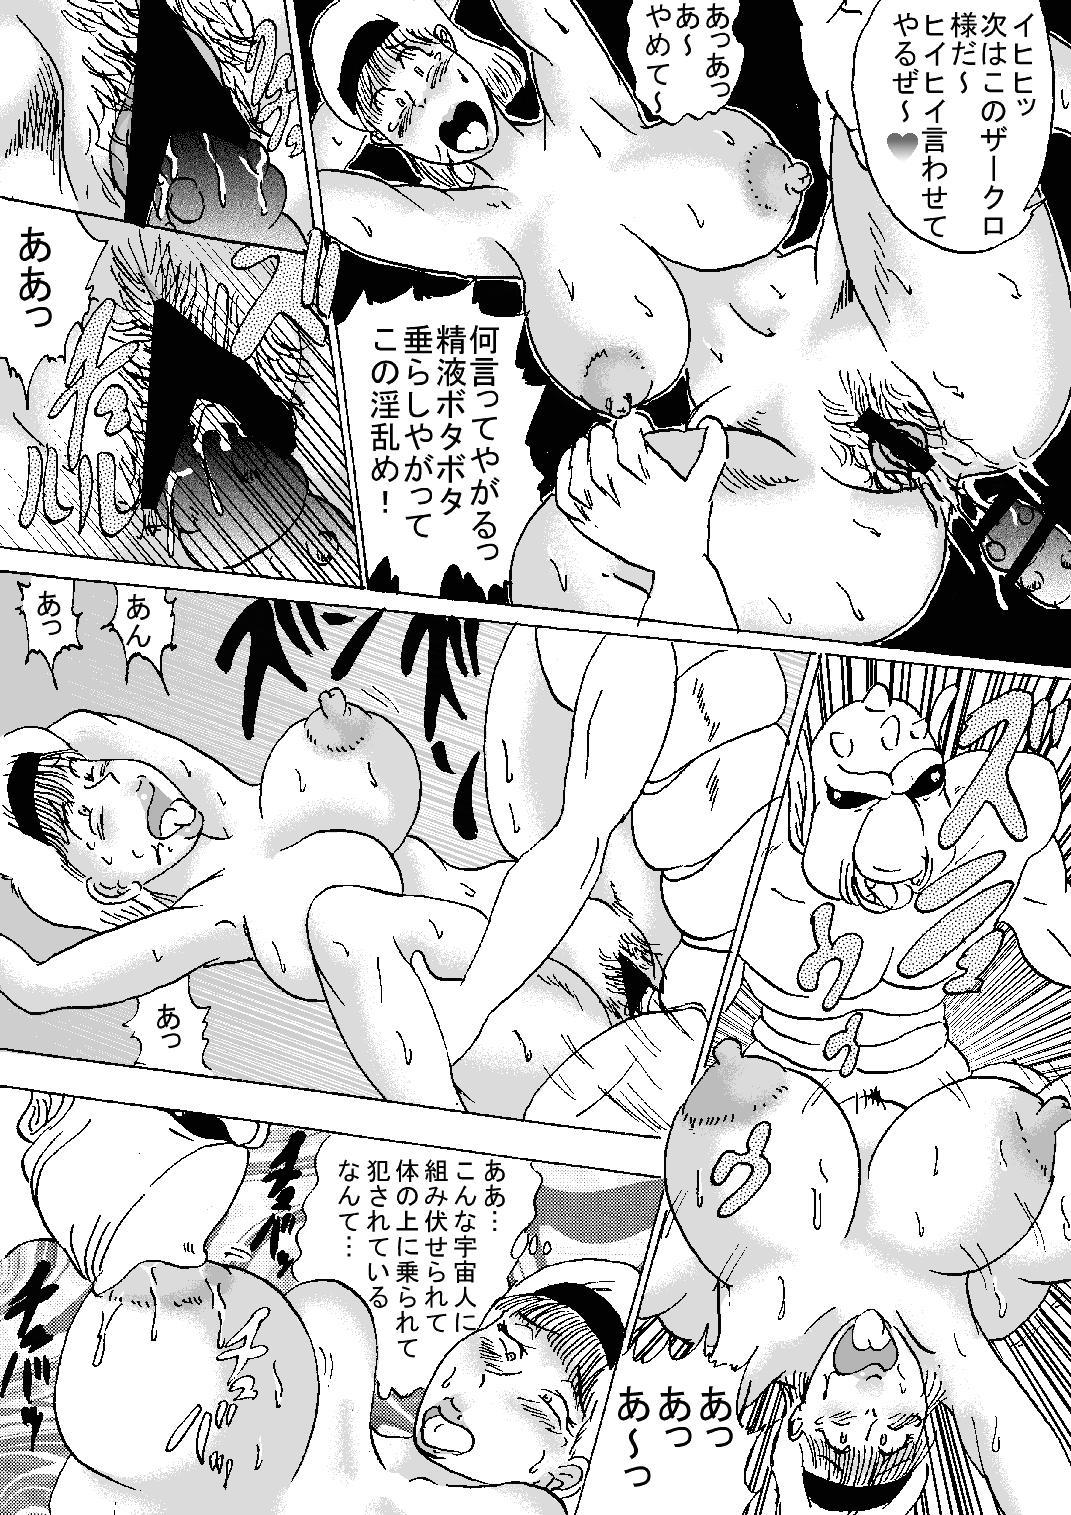 Hanzaiteki Bakunyuu Girl Part 6 59